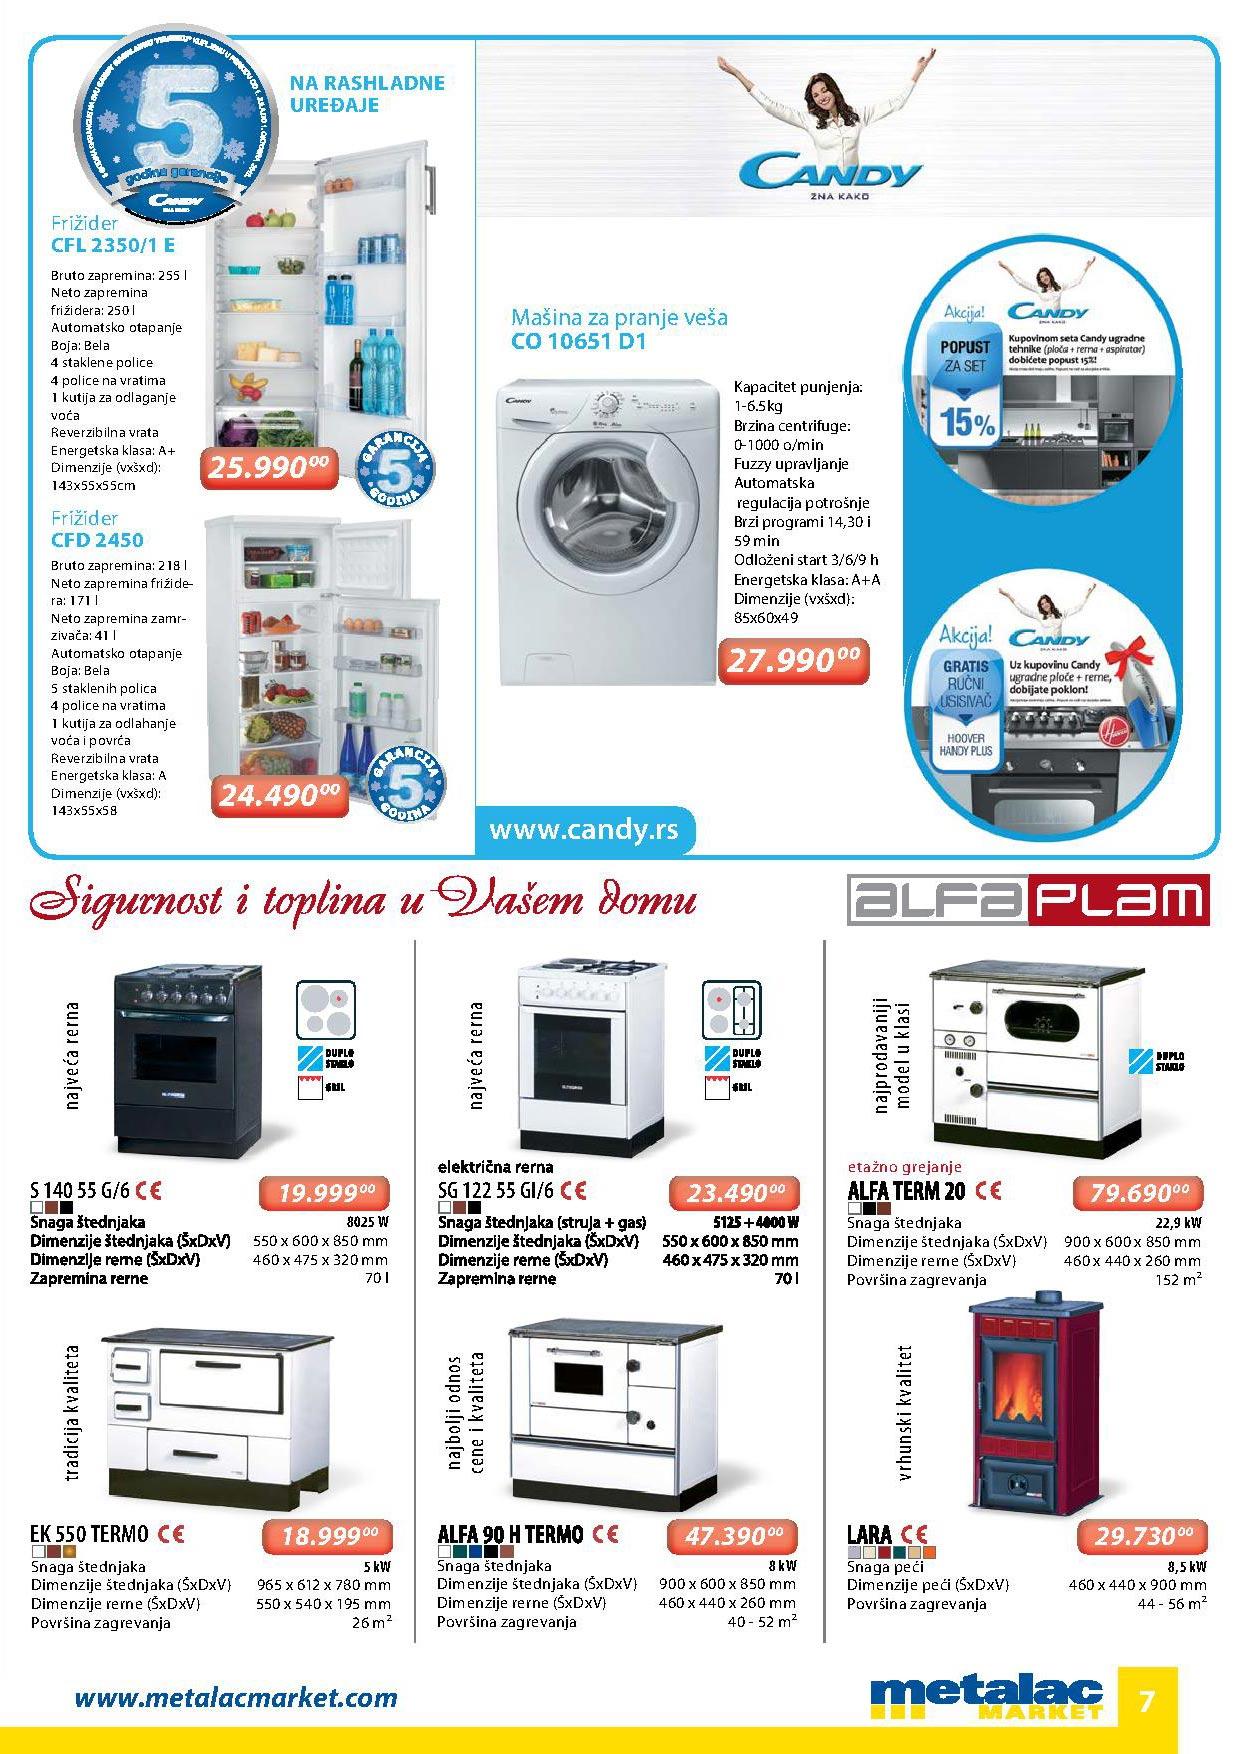 Metalac market katalog odlična ponuda